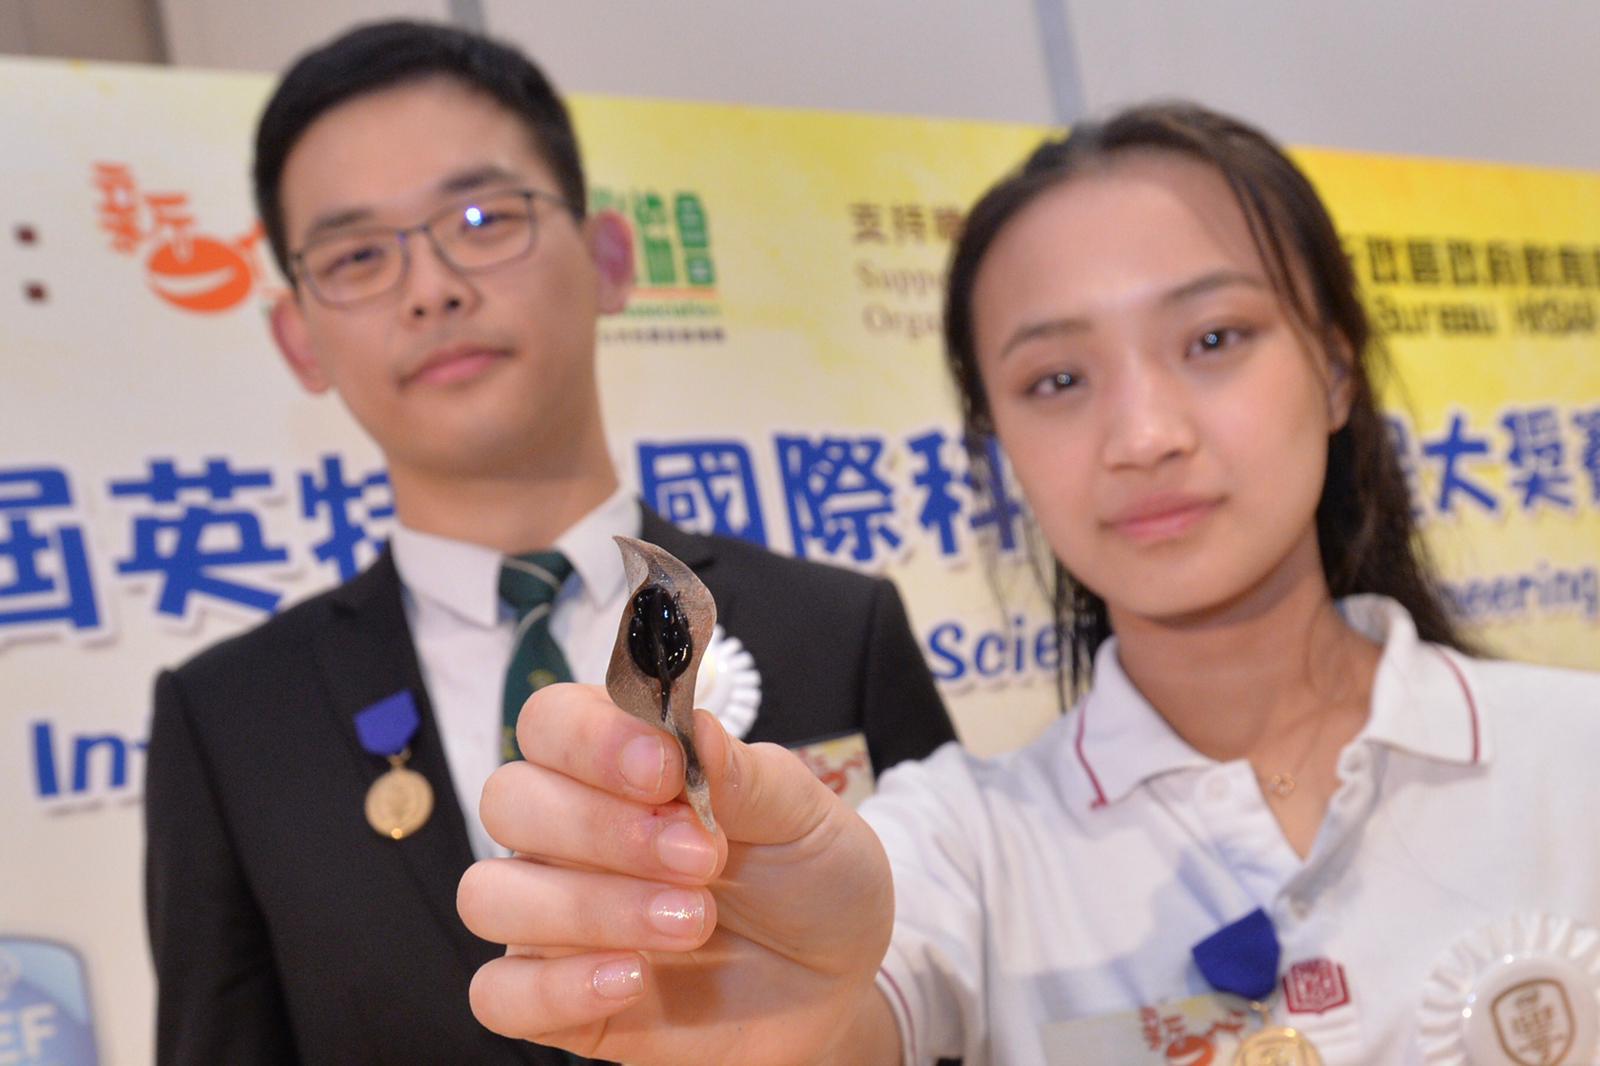 楊沐華(左)及葉若言發現新入侵物種「新幾內亞扁平蟲」獲得動物組别的三等獎及Sigma Xi科學研究學會優異獎。